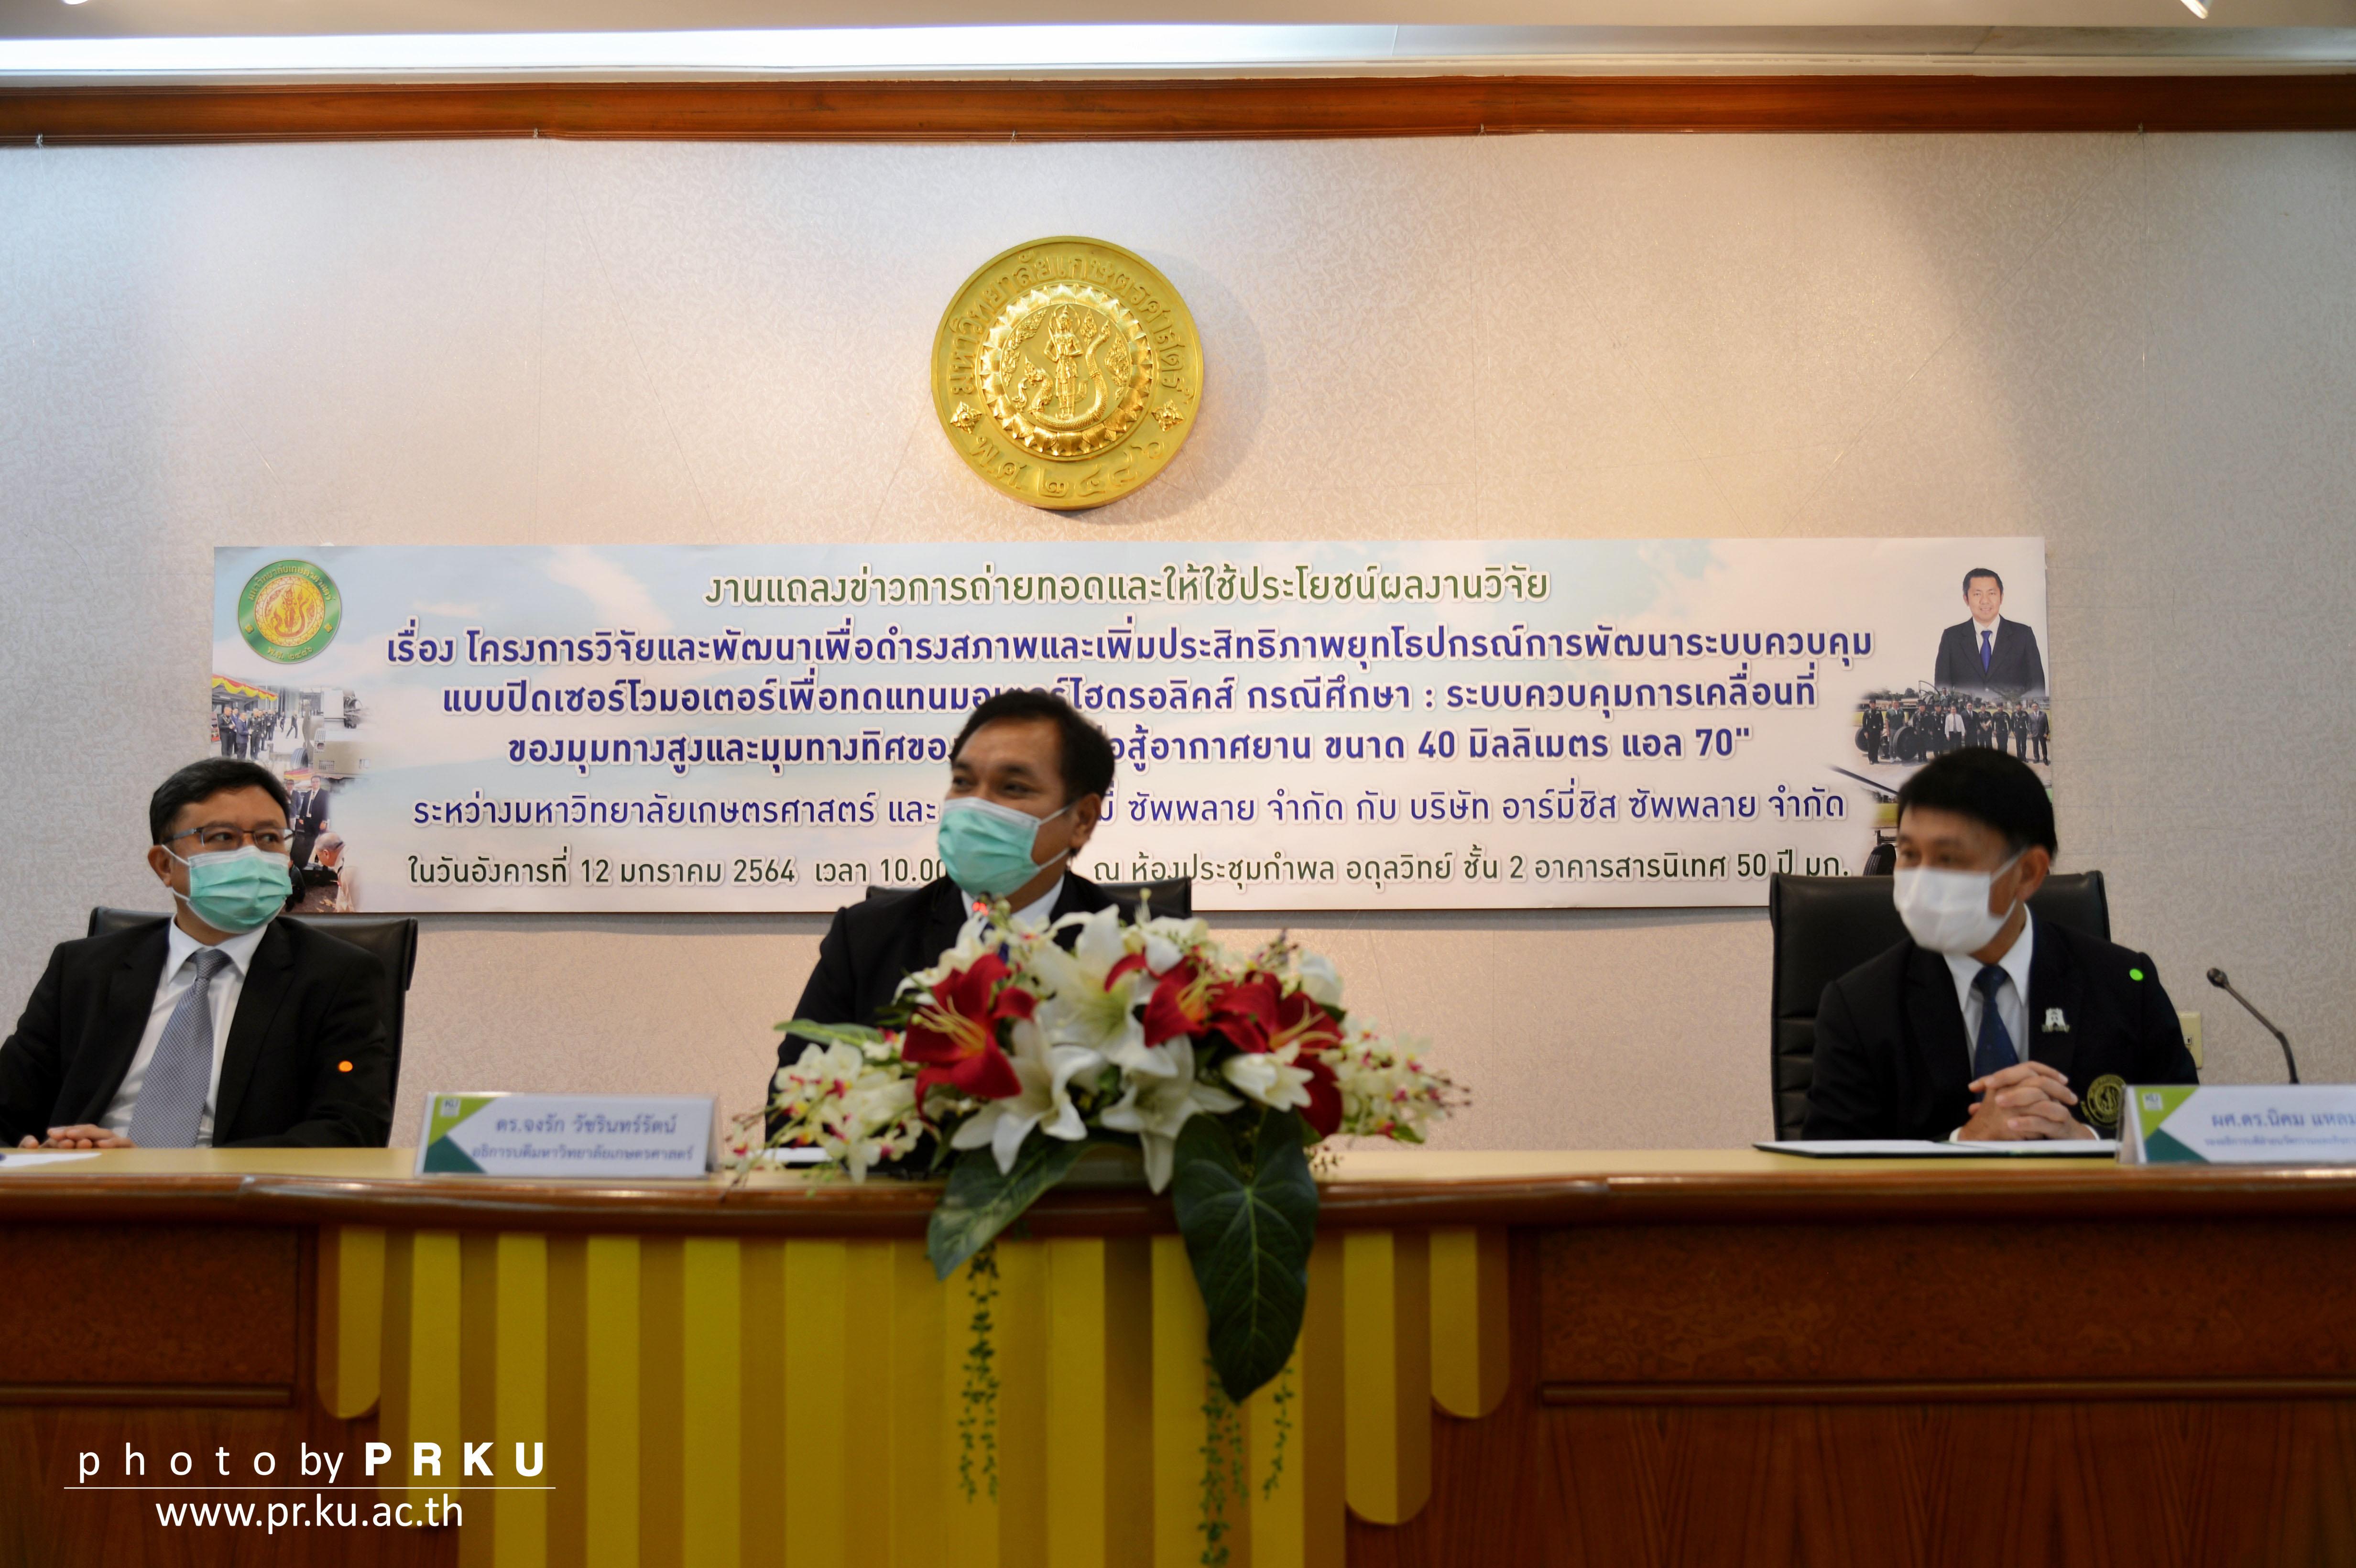 ม.เกษตร ส่งต่อผลงานวิจัยให้เอกชนต่อยอด พัฒนาเพิ่มประสิทธิภาพยุทโธปกรณ์กองทัพด้วยฝีมือคนไทย